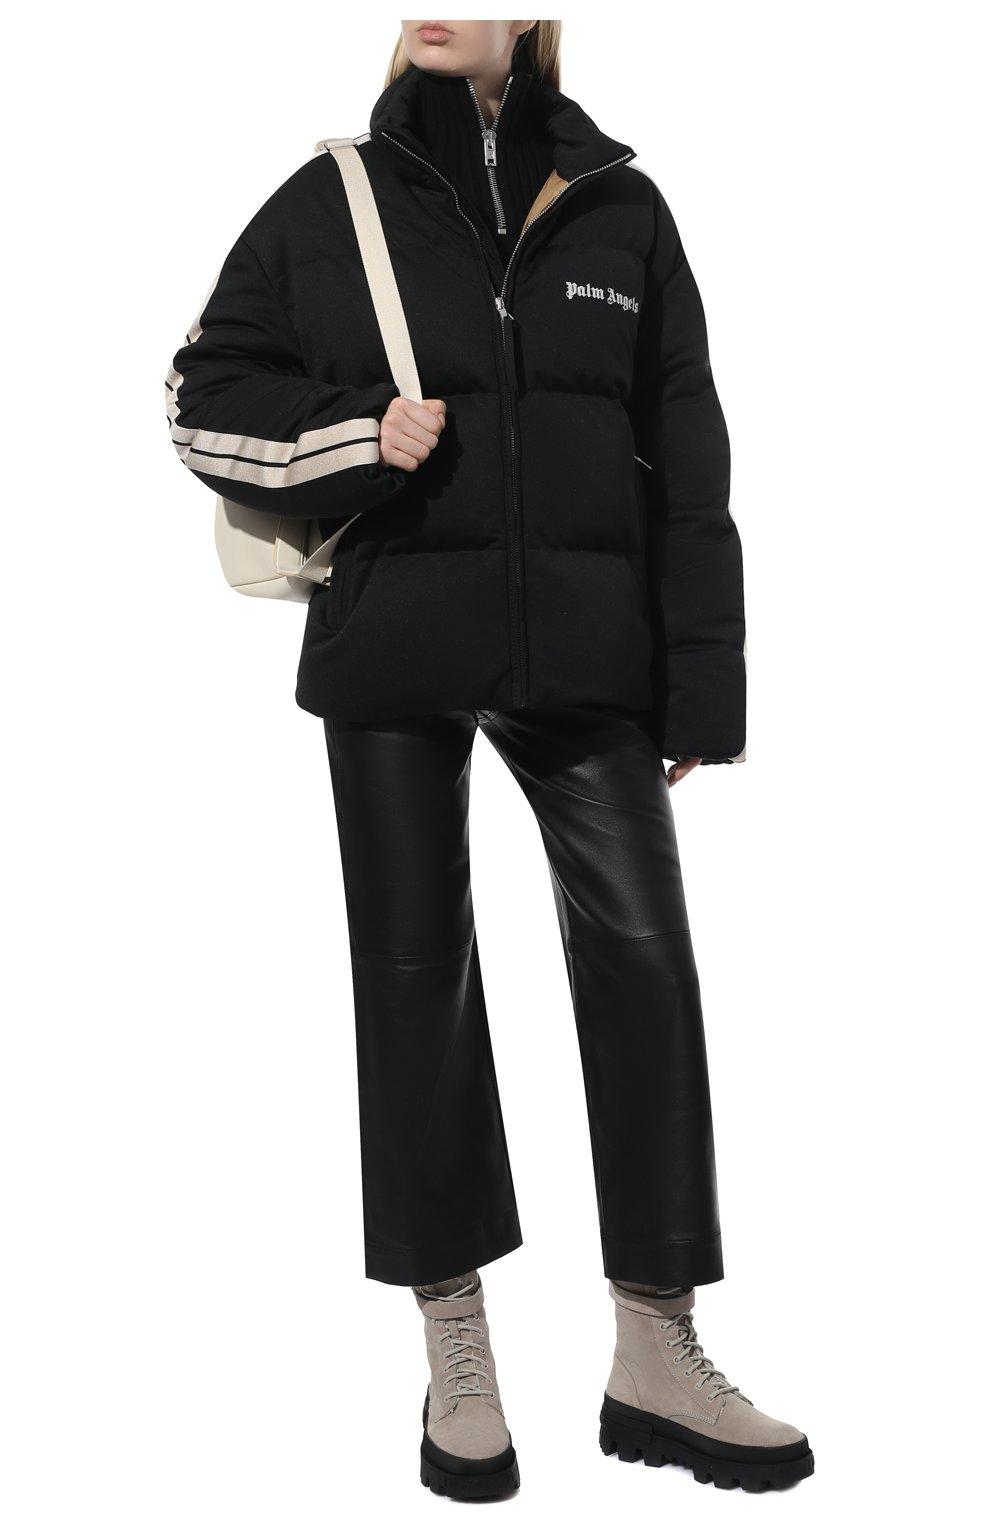 Женские замшевые ботинки carinne MONCLER бежевого цвета, арт. G2-09B-4F715-00-019S7 | Фото 2 (Подошва: Платформа; Материал утеплителя: Натуральный мех; Материал внутренний: Натуральная кожа; Каблук высота: Средний; Материал внешний: Замша; Женское Кросс-КТ: Зимние ботинки)